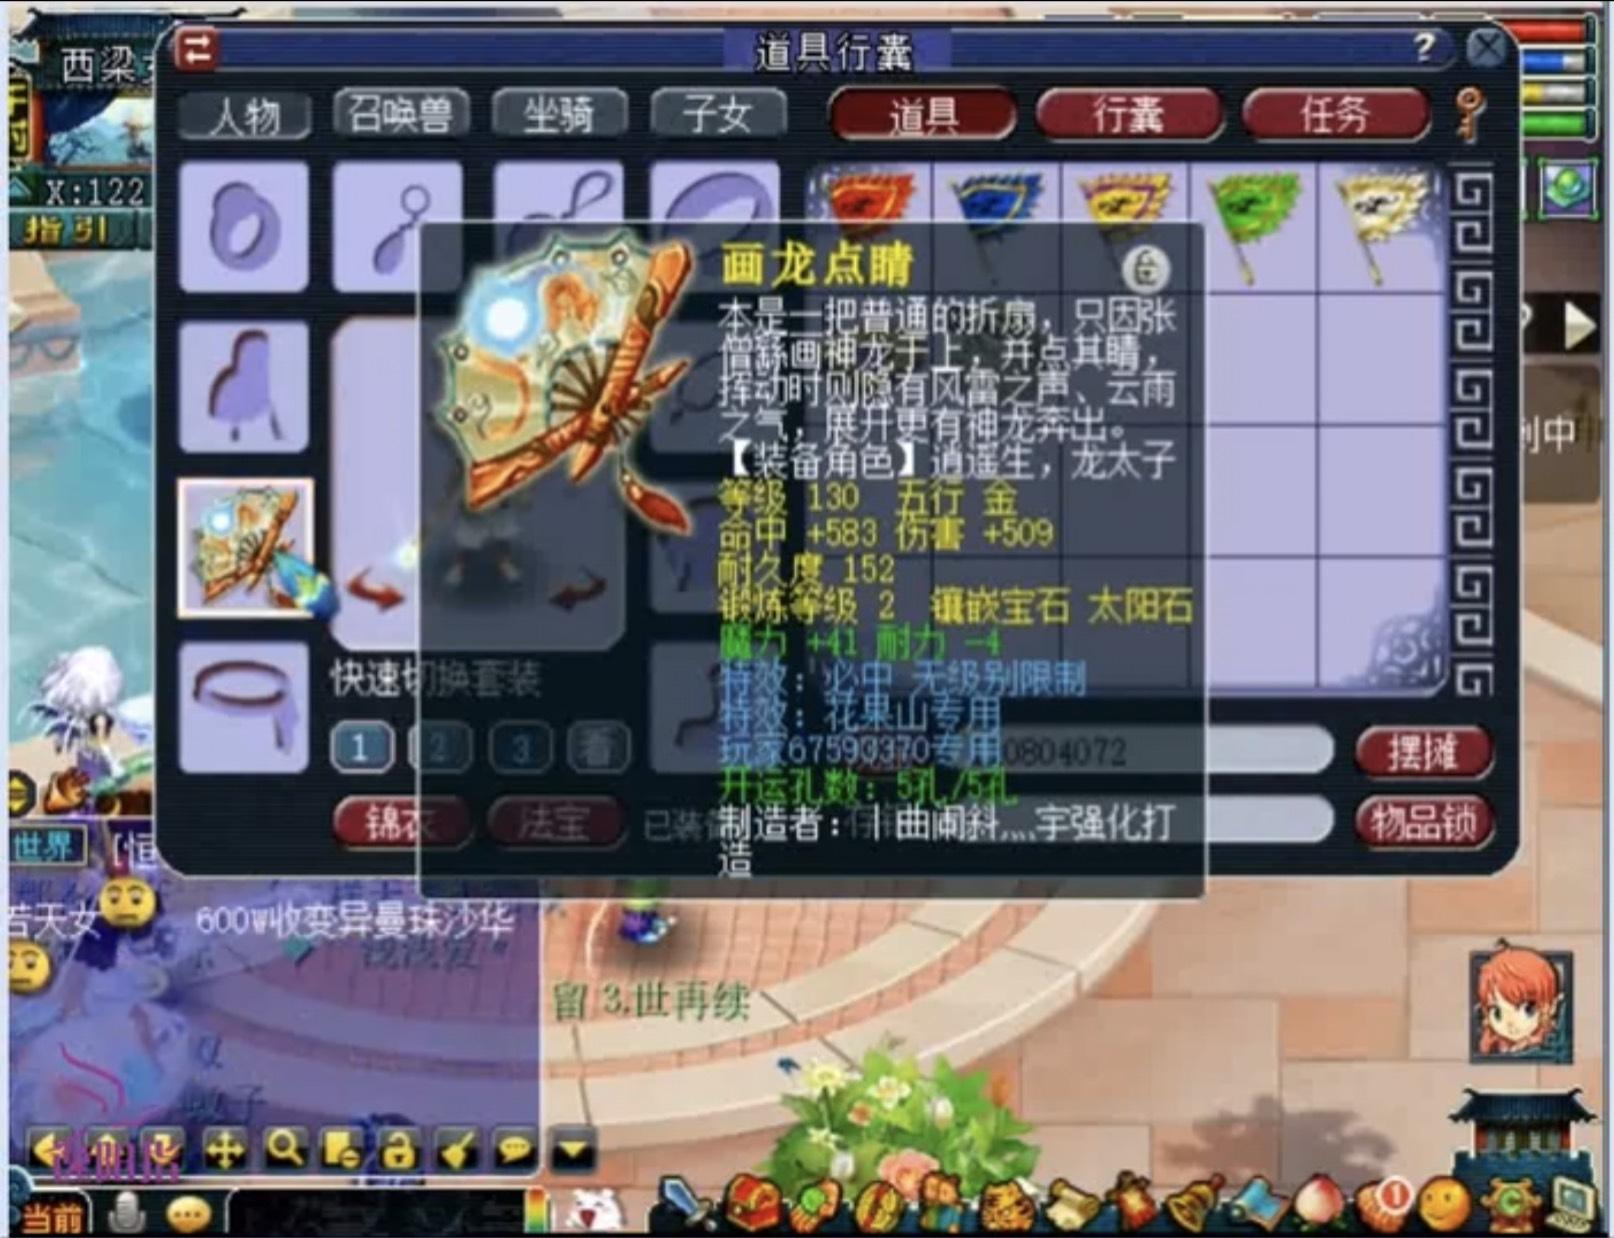 夢幻西遊: 1000塊買天青, 三把武器出無級別, 這號牛掰-圖1